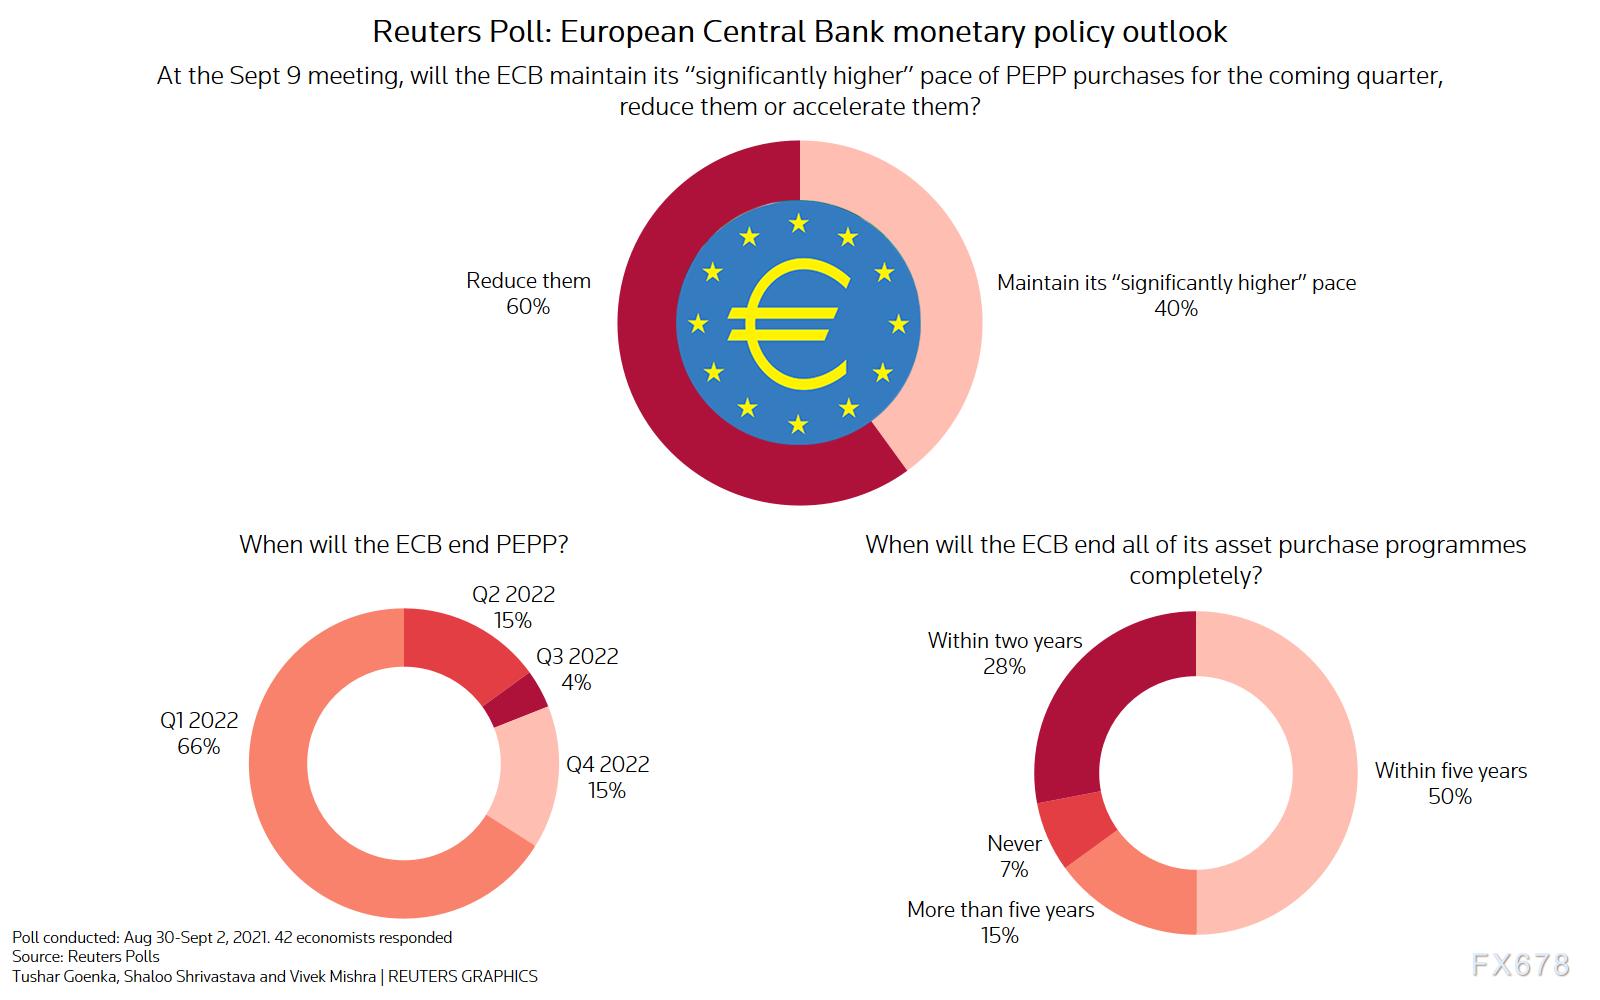 欧银决议前瞻:料缩减紧急购债规模,但主要购债计划仍将持续数年